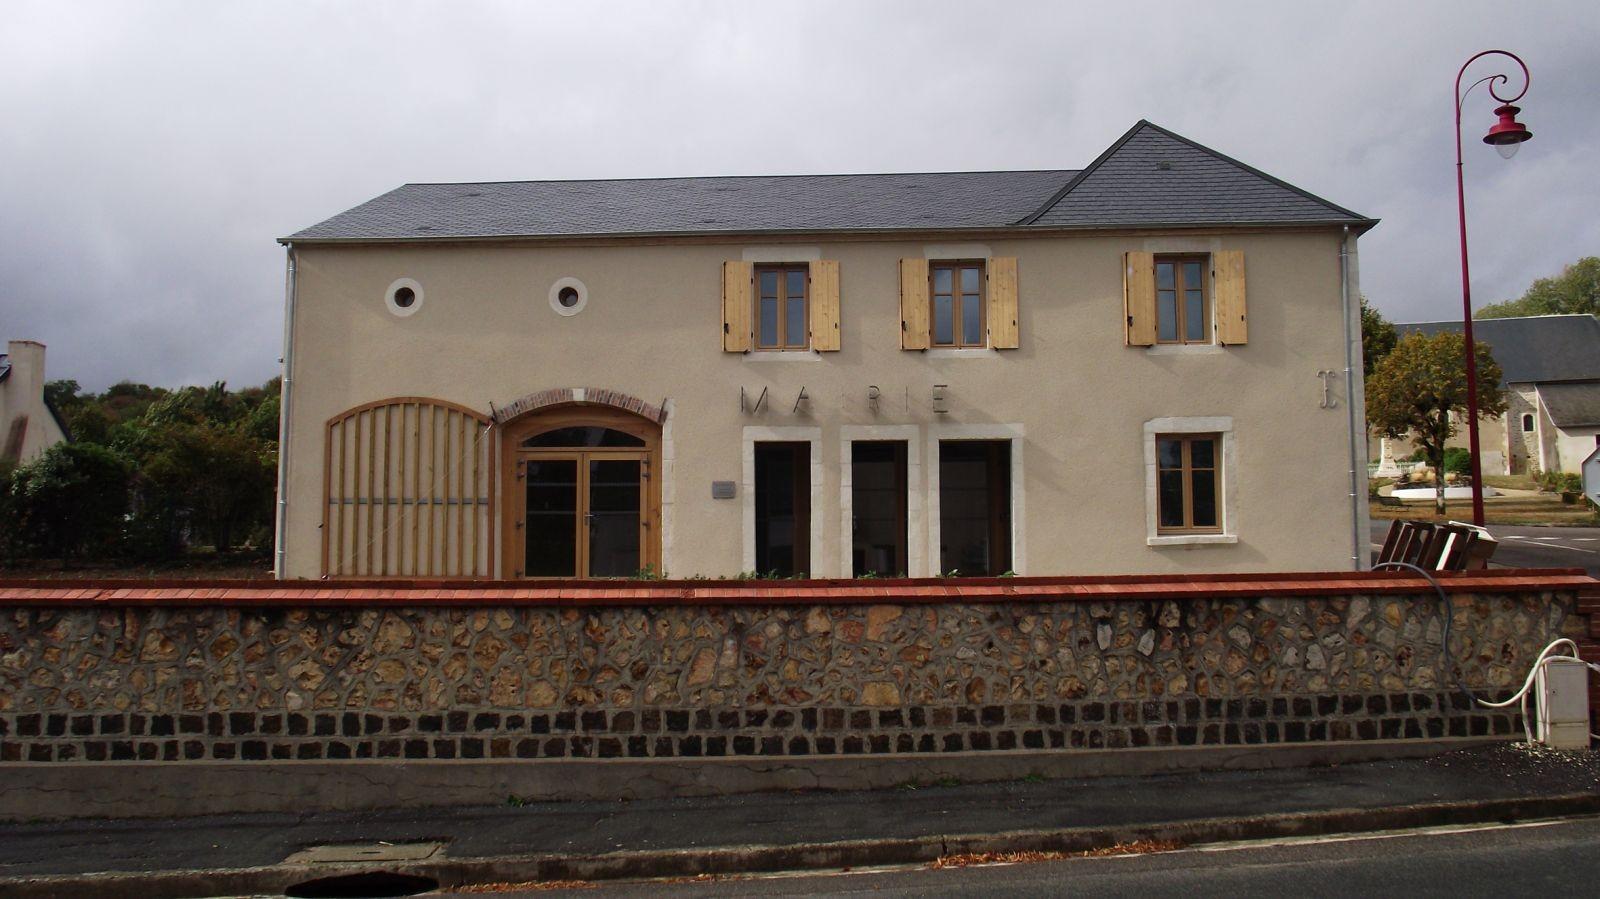 La façade sud-est de la nouvelle mairie et agence postale de Montigny, après travaux, en 2019. © CAUE18.